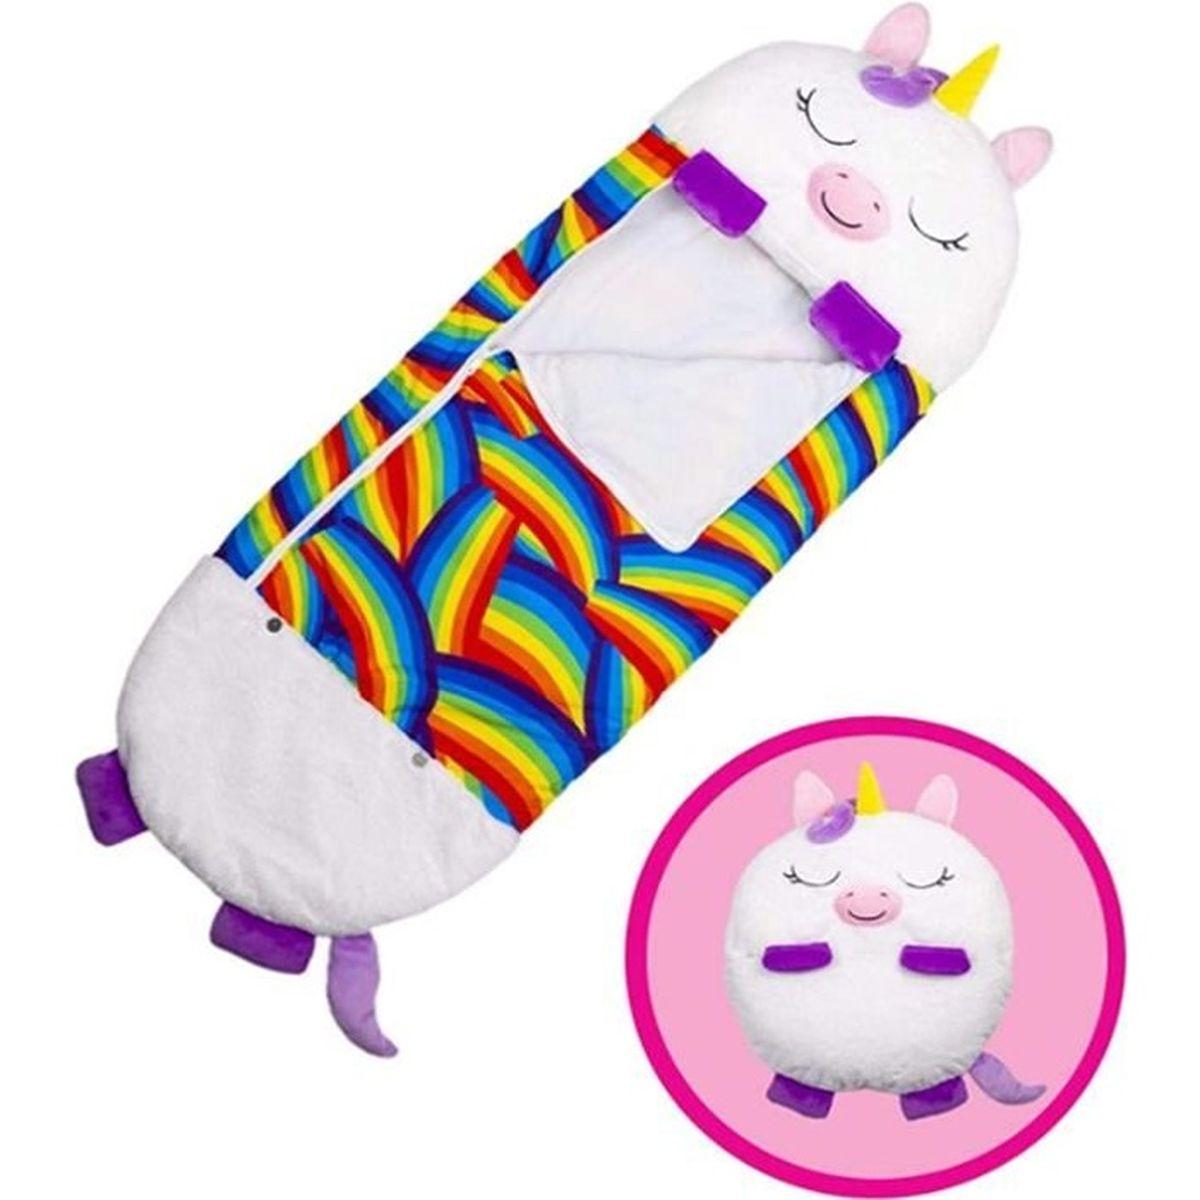 Nuvx Happy Nappers Grand coussin de jeu et sac de couchage pour enfants Sac de couchage pliable et doux Pour les enfants